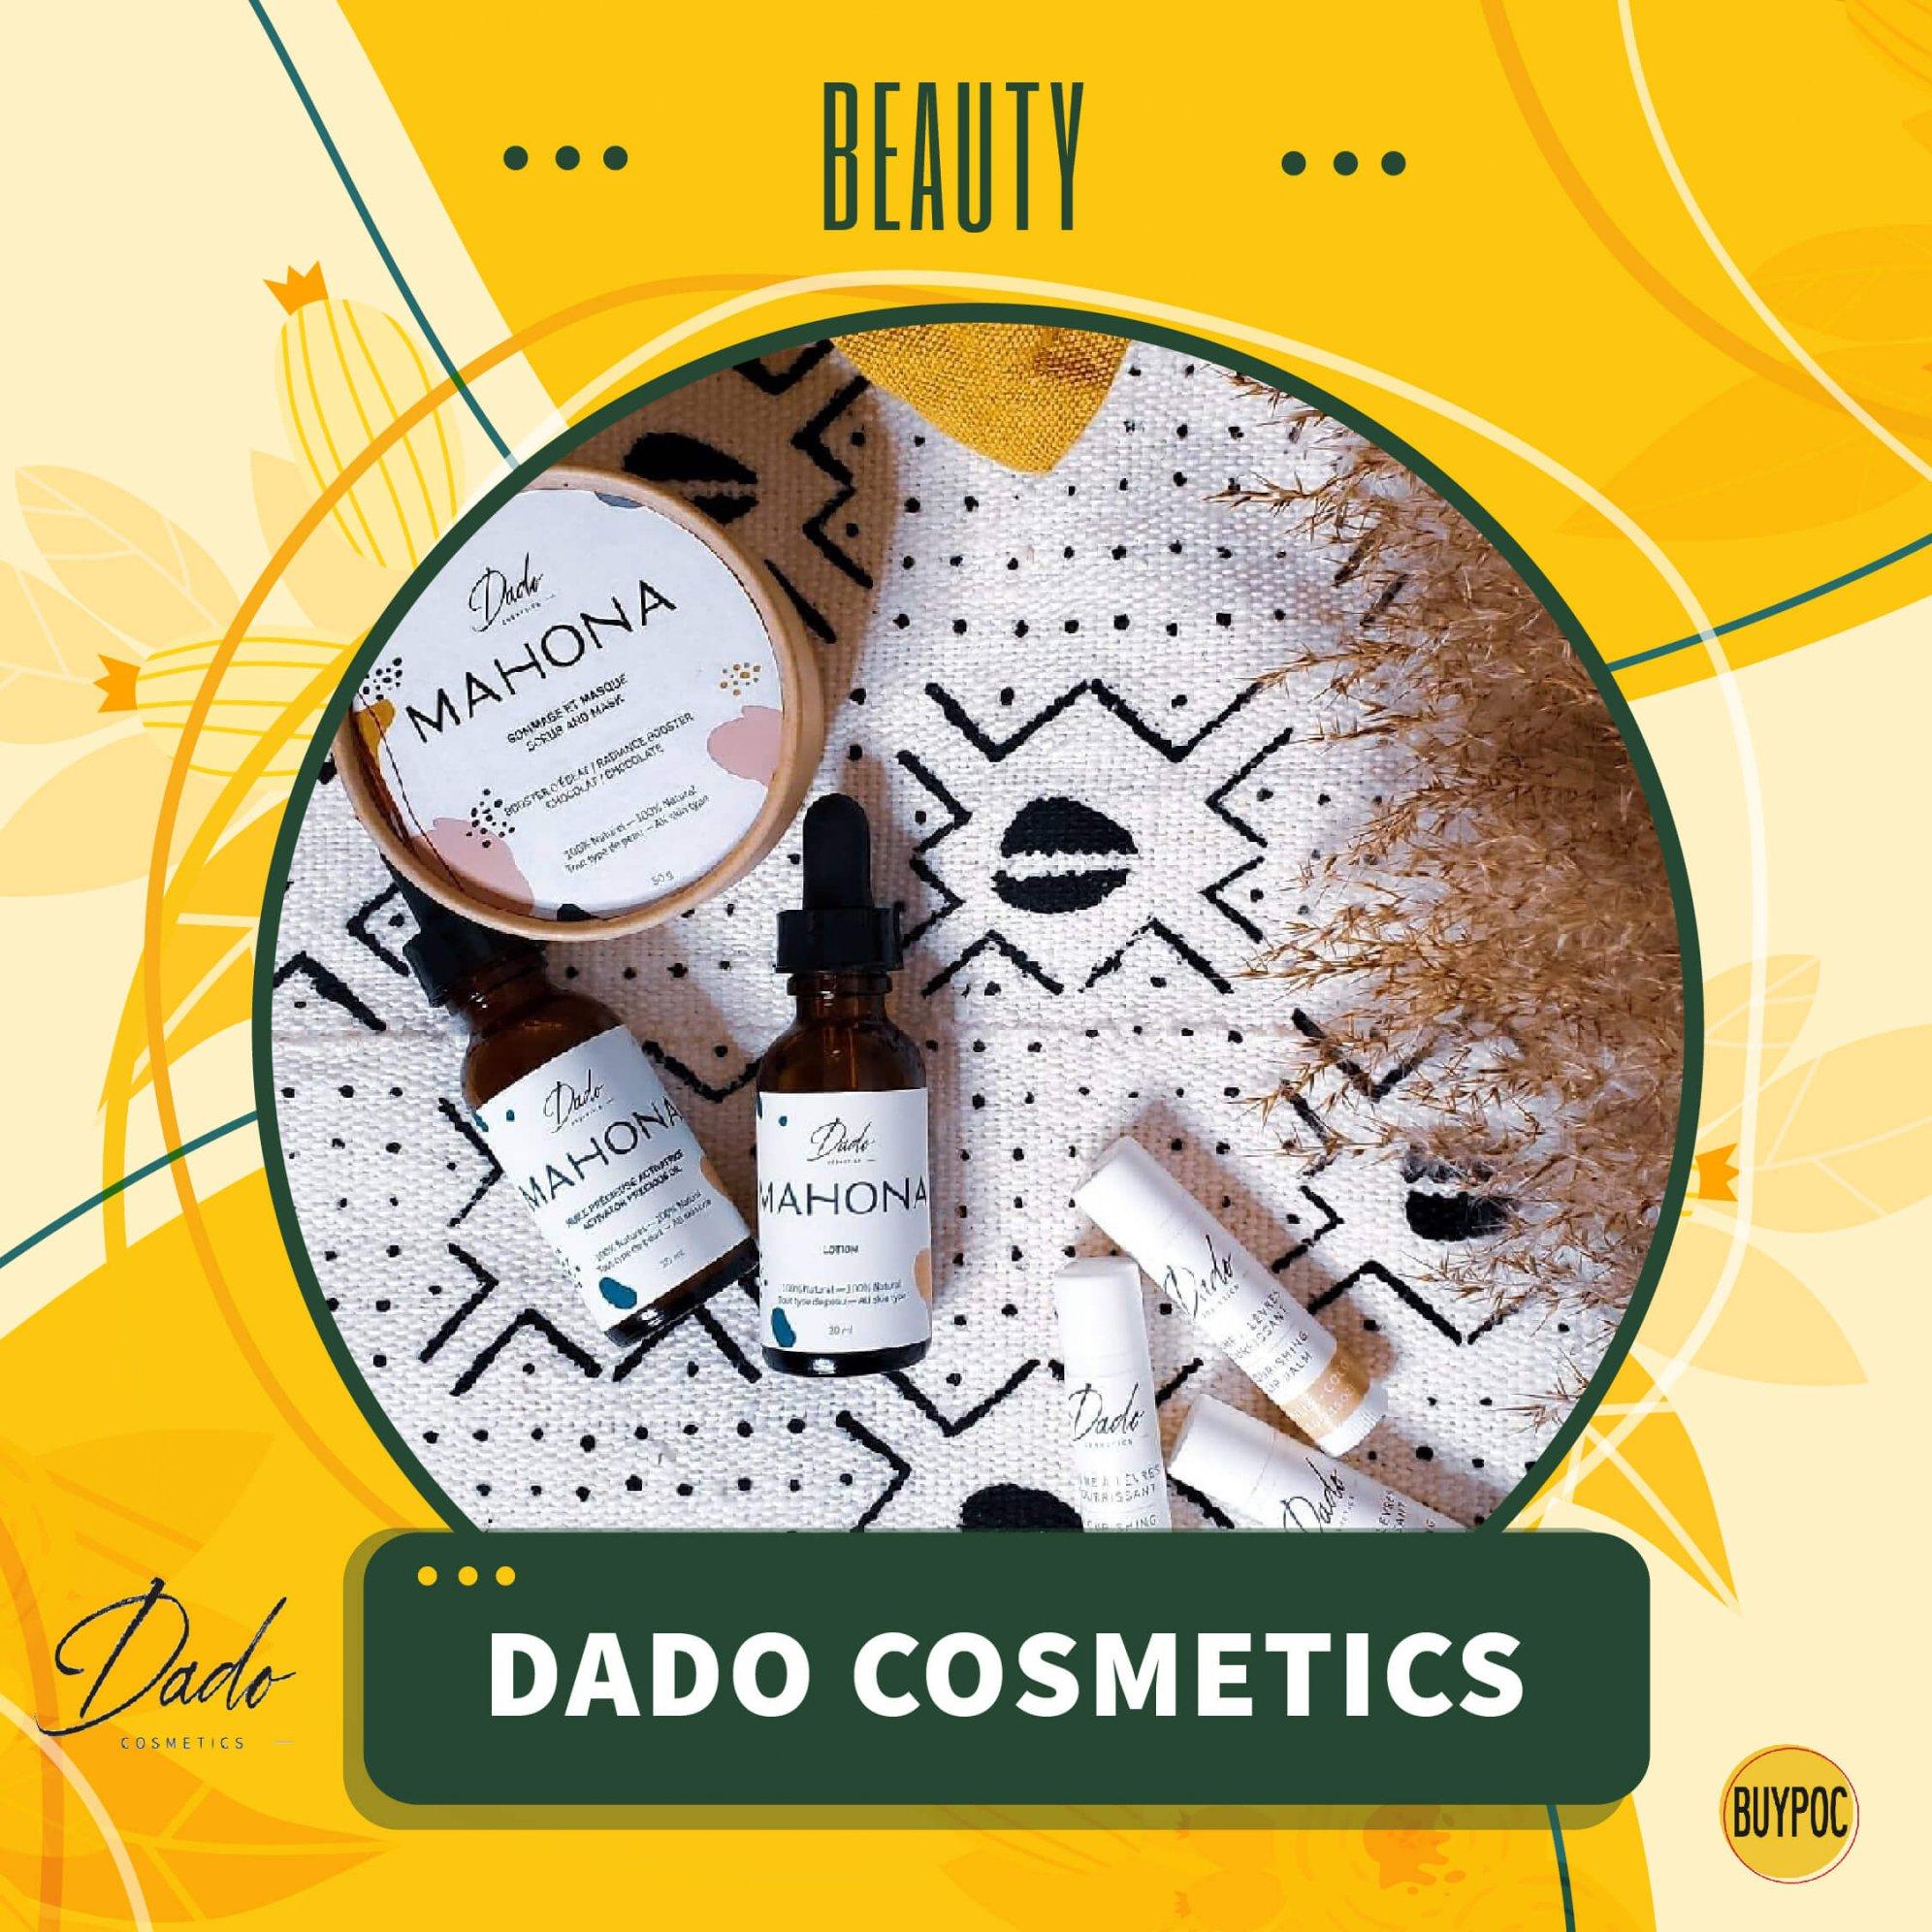 Dado Cosmetics